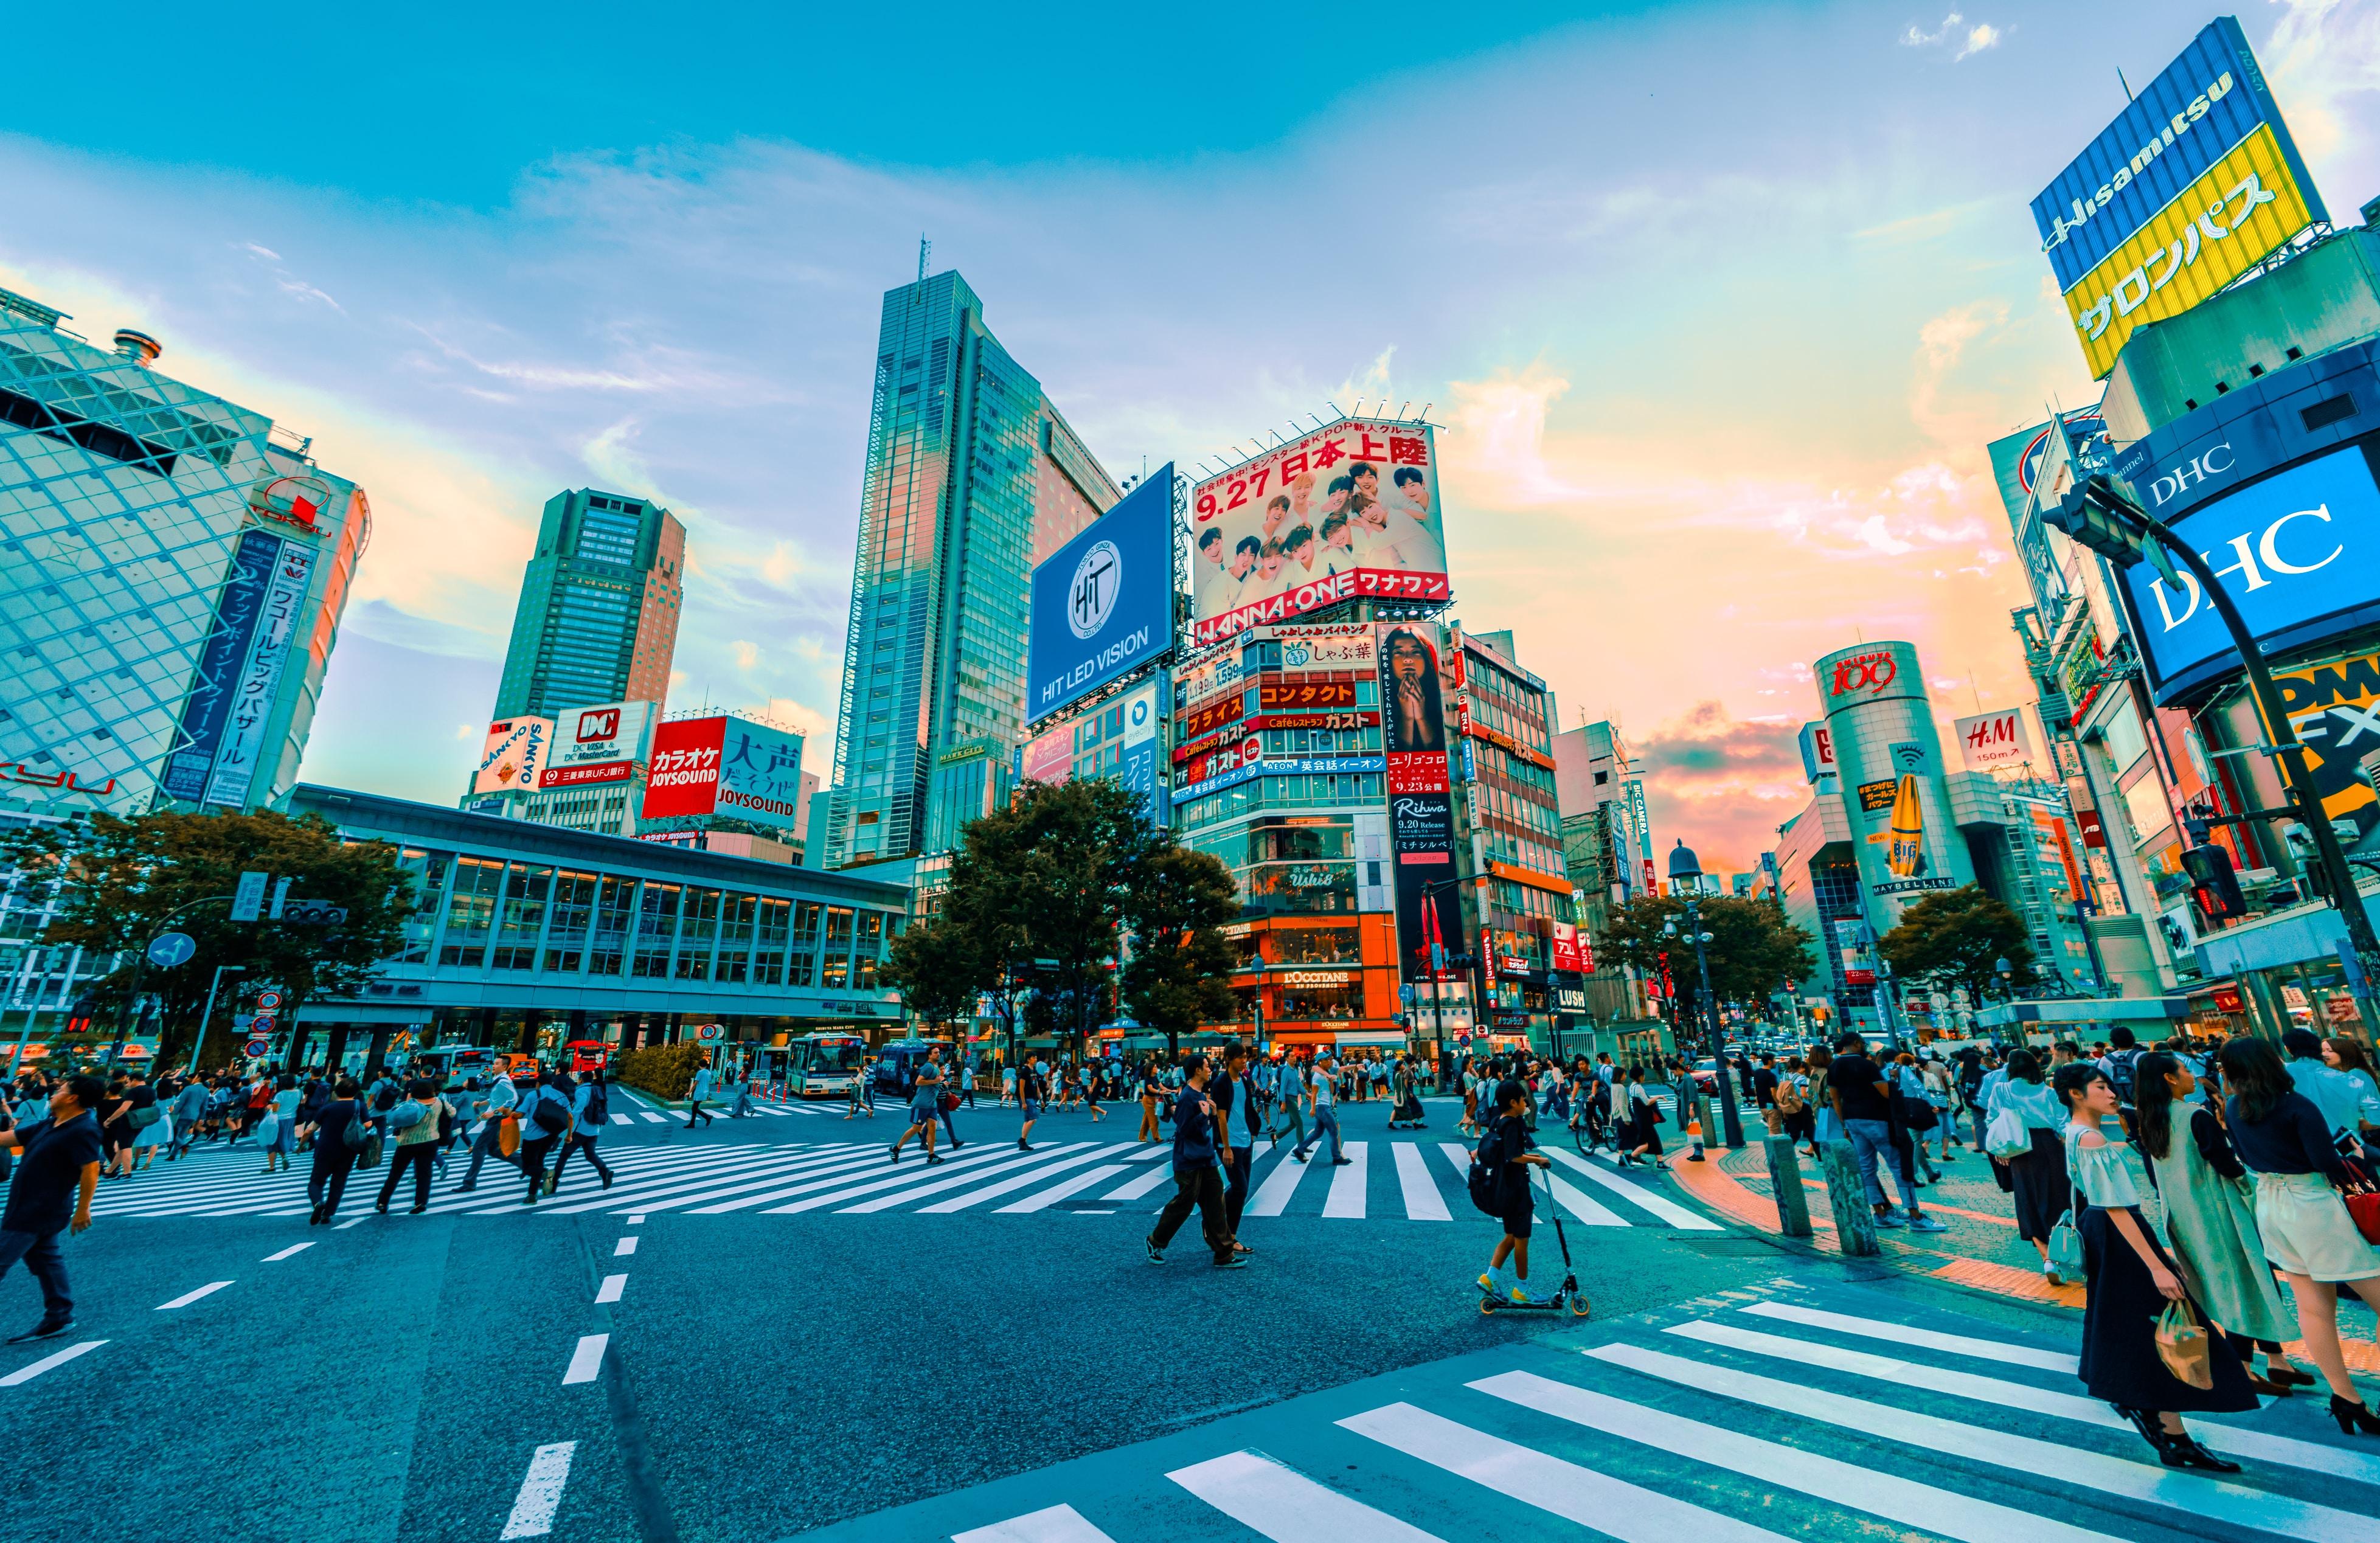 El móvil, una estrella en los Juegos Olímpicos de Tokio